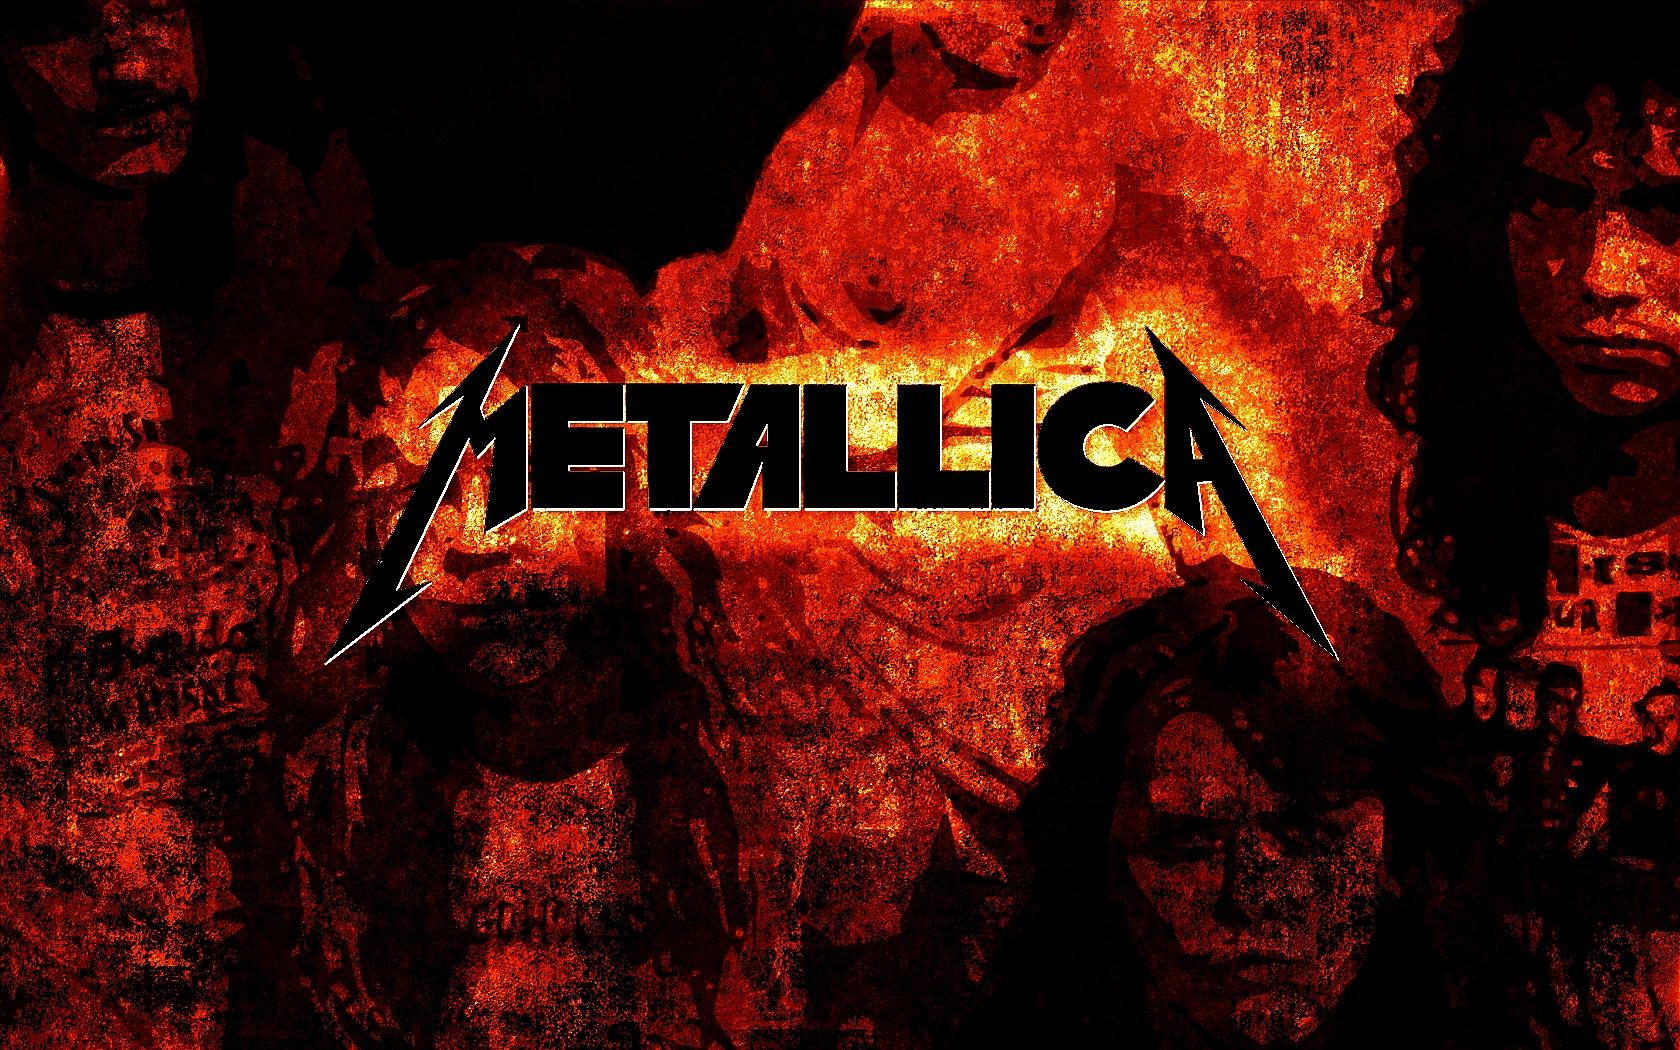 Metallica wallpaper 1680x1050 73430 wallpaperup - Metallica wallpaper ...